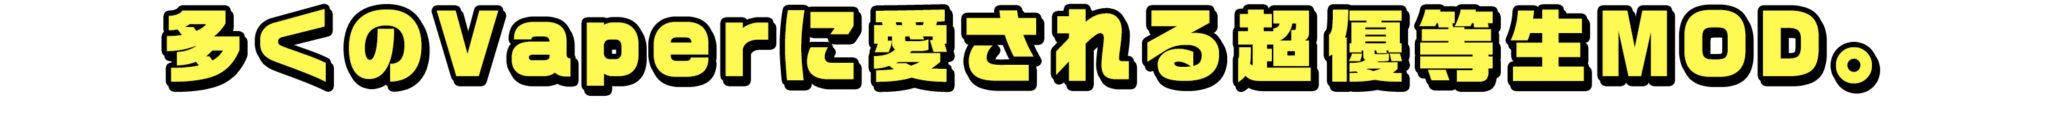 title2 - 【レビュー】充実しすぎのVAPEスターターキット「最新・最強ピコレボ 21700スターターキット」がベプログショップから爆誕!! これで華麗に入門しちゃいなyo!!